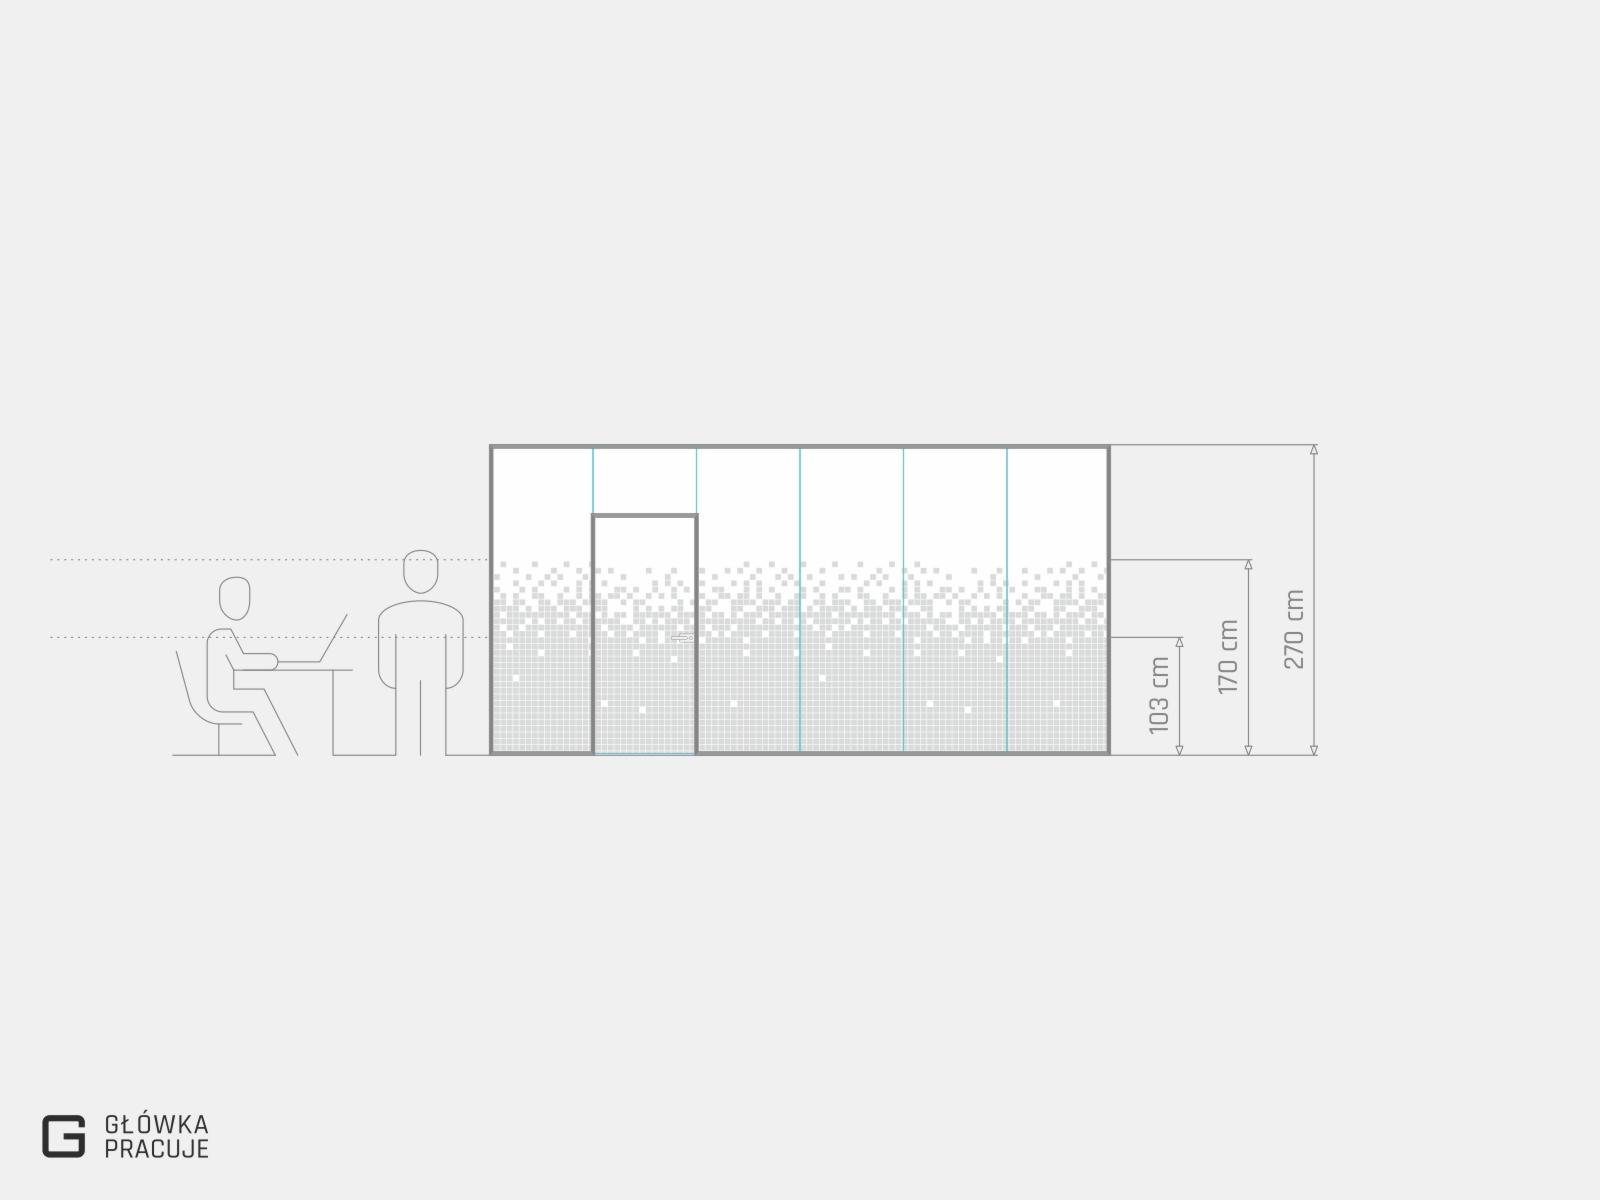 Główka Pracuje - folia mrożona z wyciętym wzorem - rozsypane piksele - dane techniczne - Warszawa